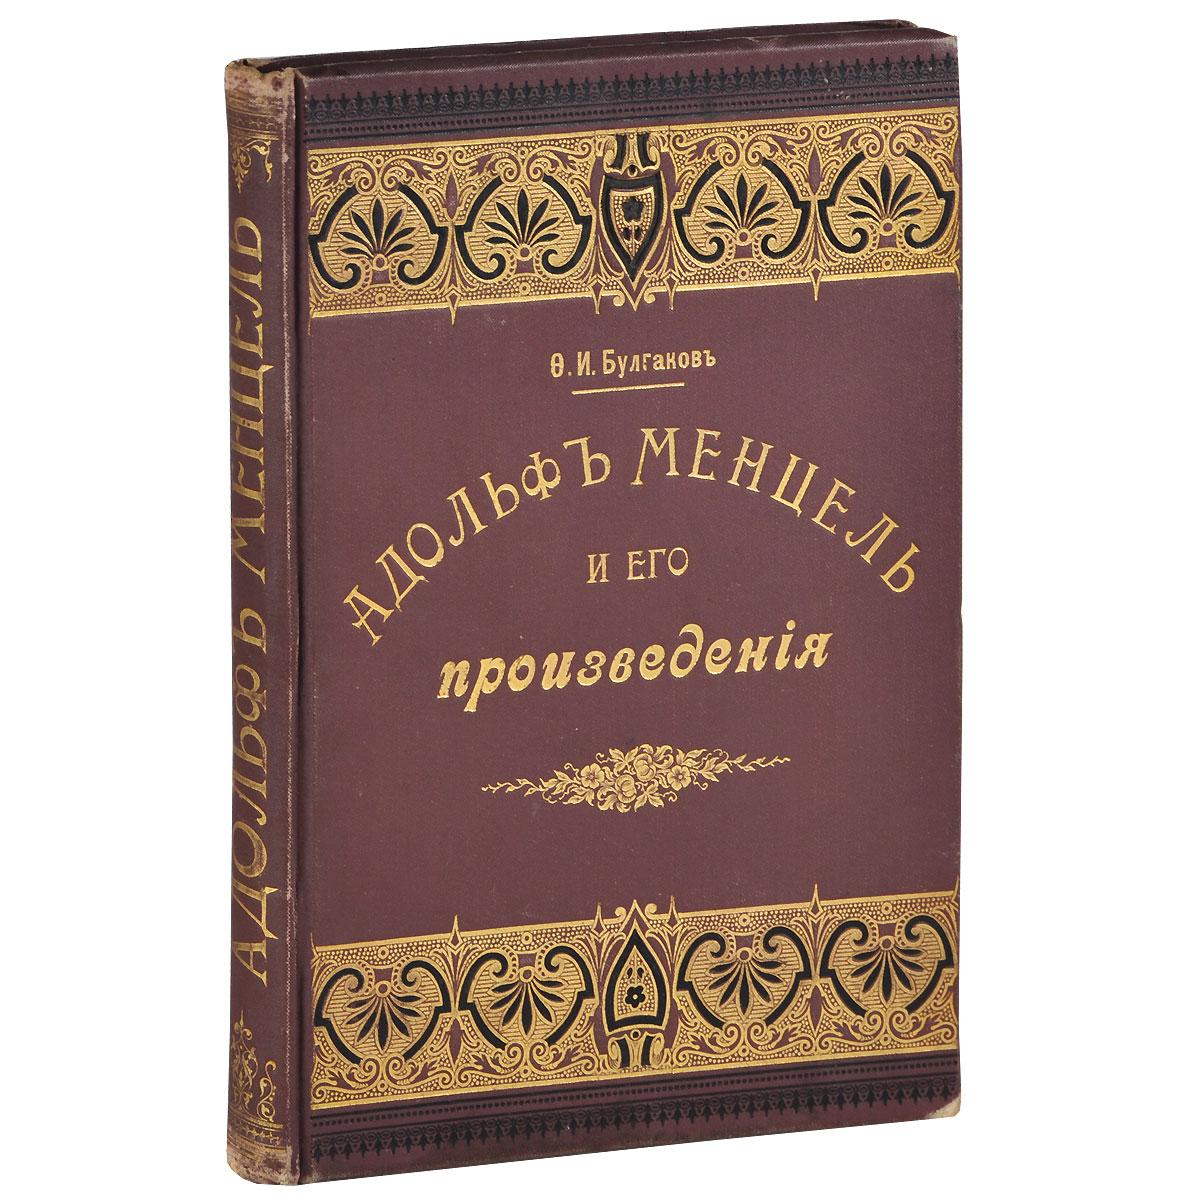 Знаменитые художники XIX века. Адольф Менцель и его произведения